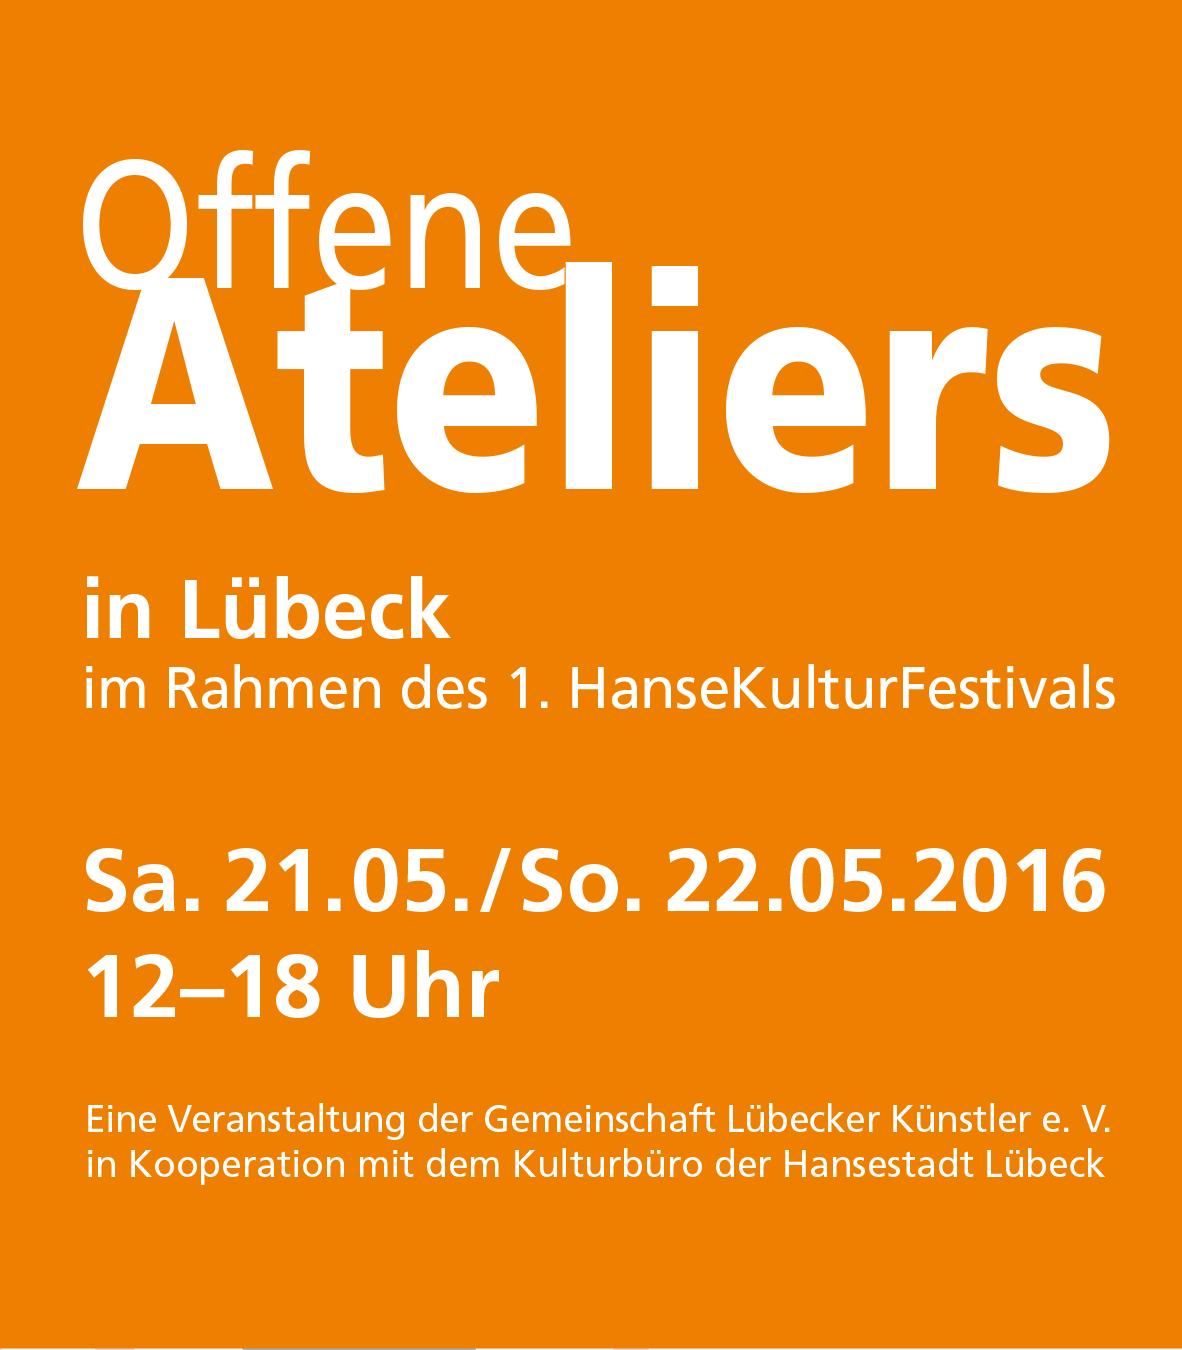 OffeneAteliers2016-1.jpg